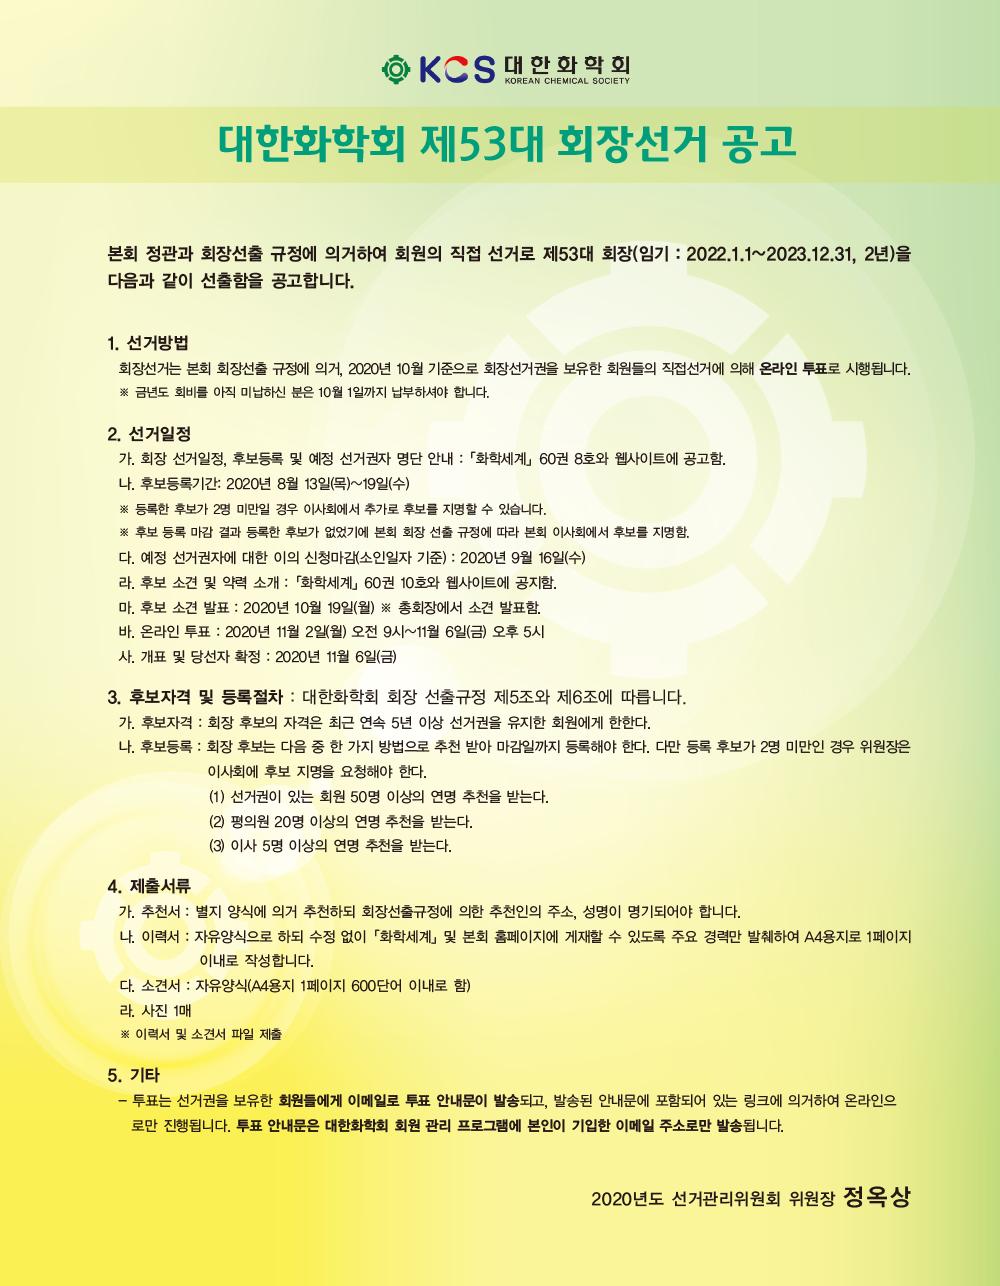 대한화학회-제53대-회장-선거-공고-1.png